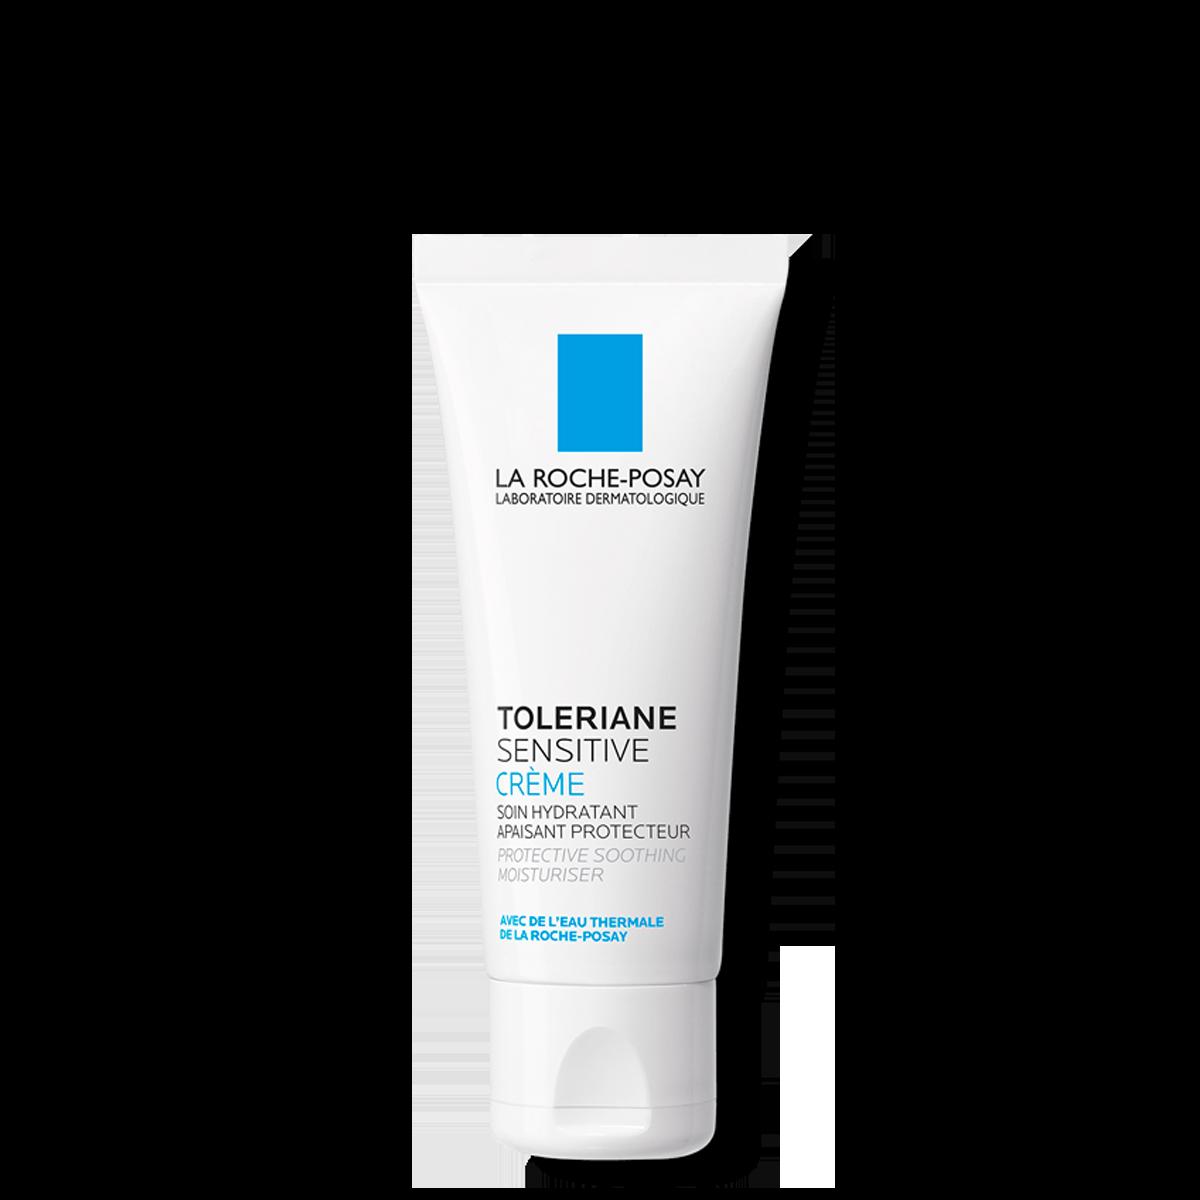 La Roche Posay Produktsida Känslig Allergisk Toleriane Sensitive